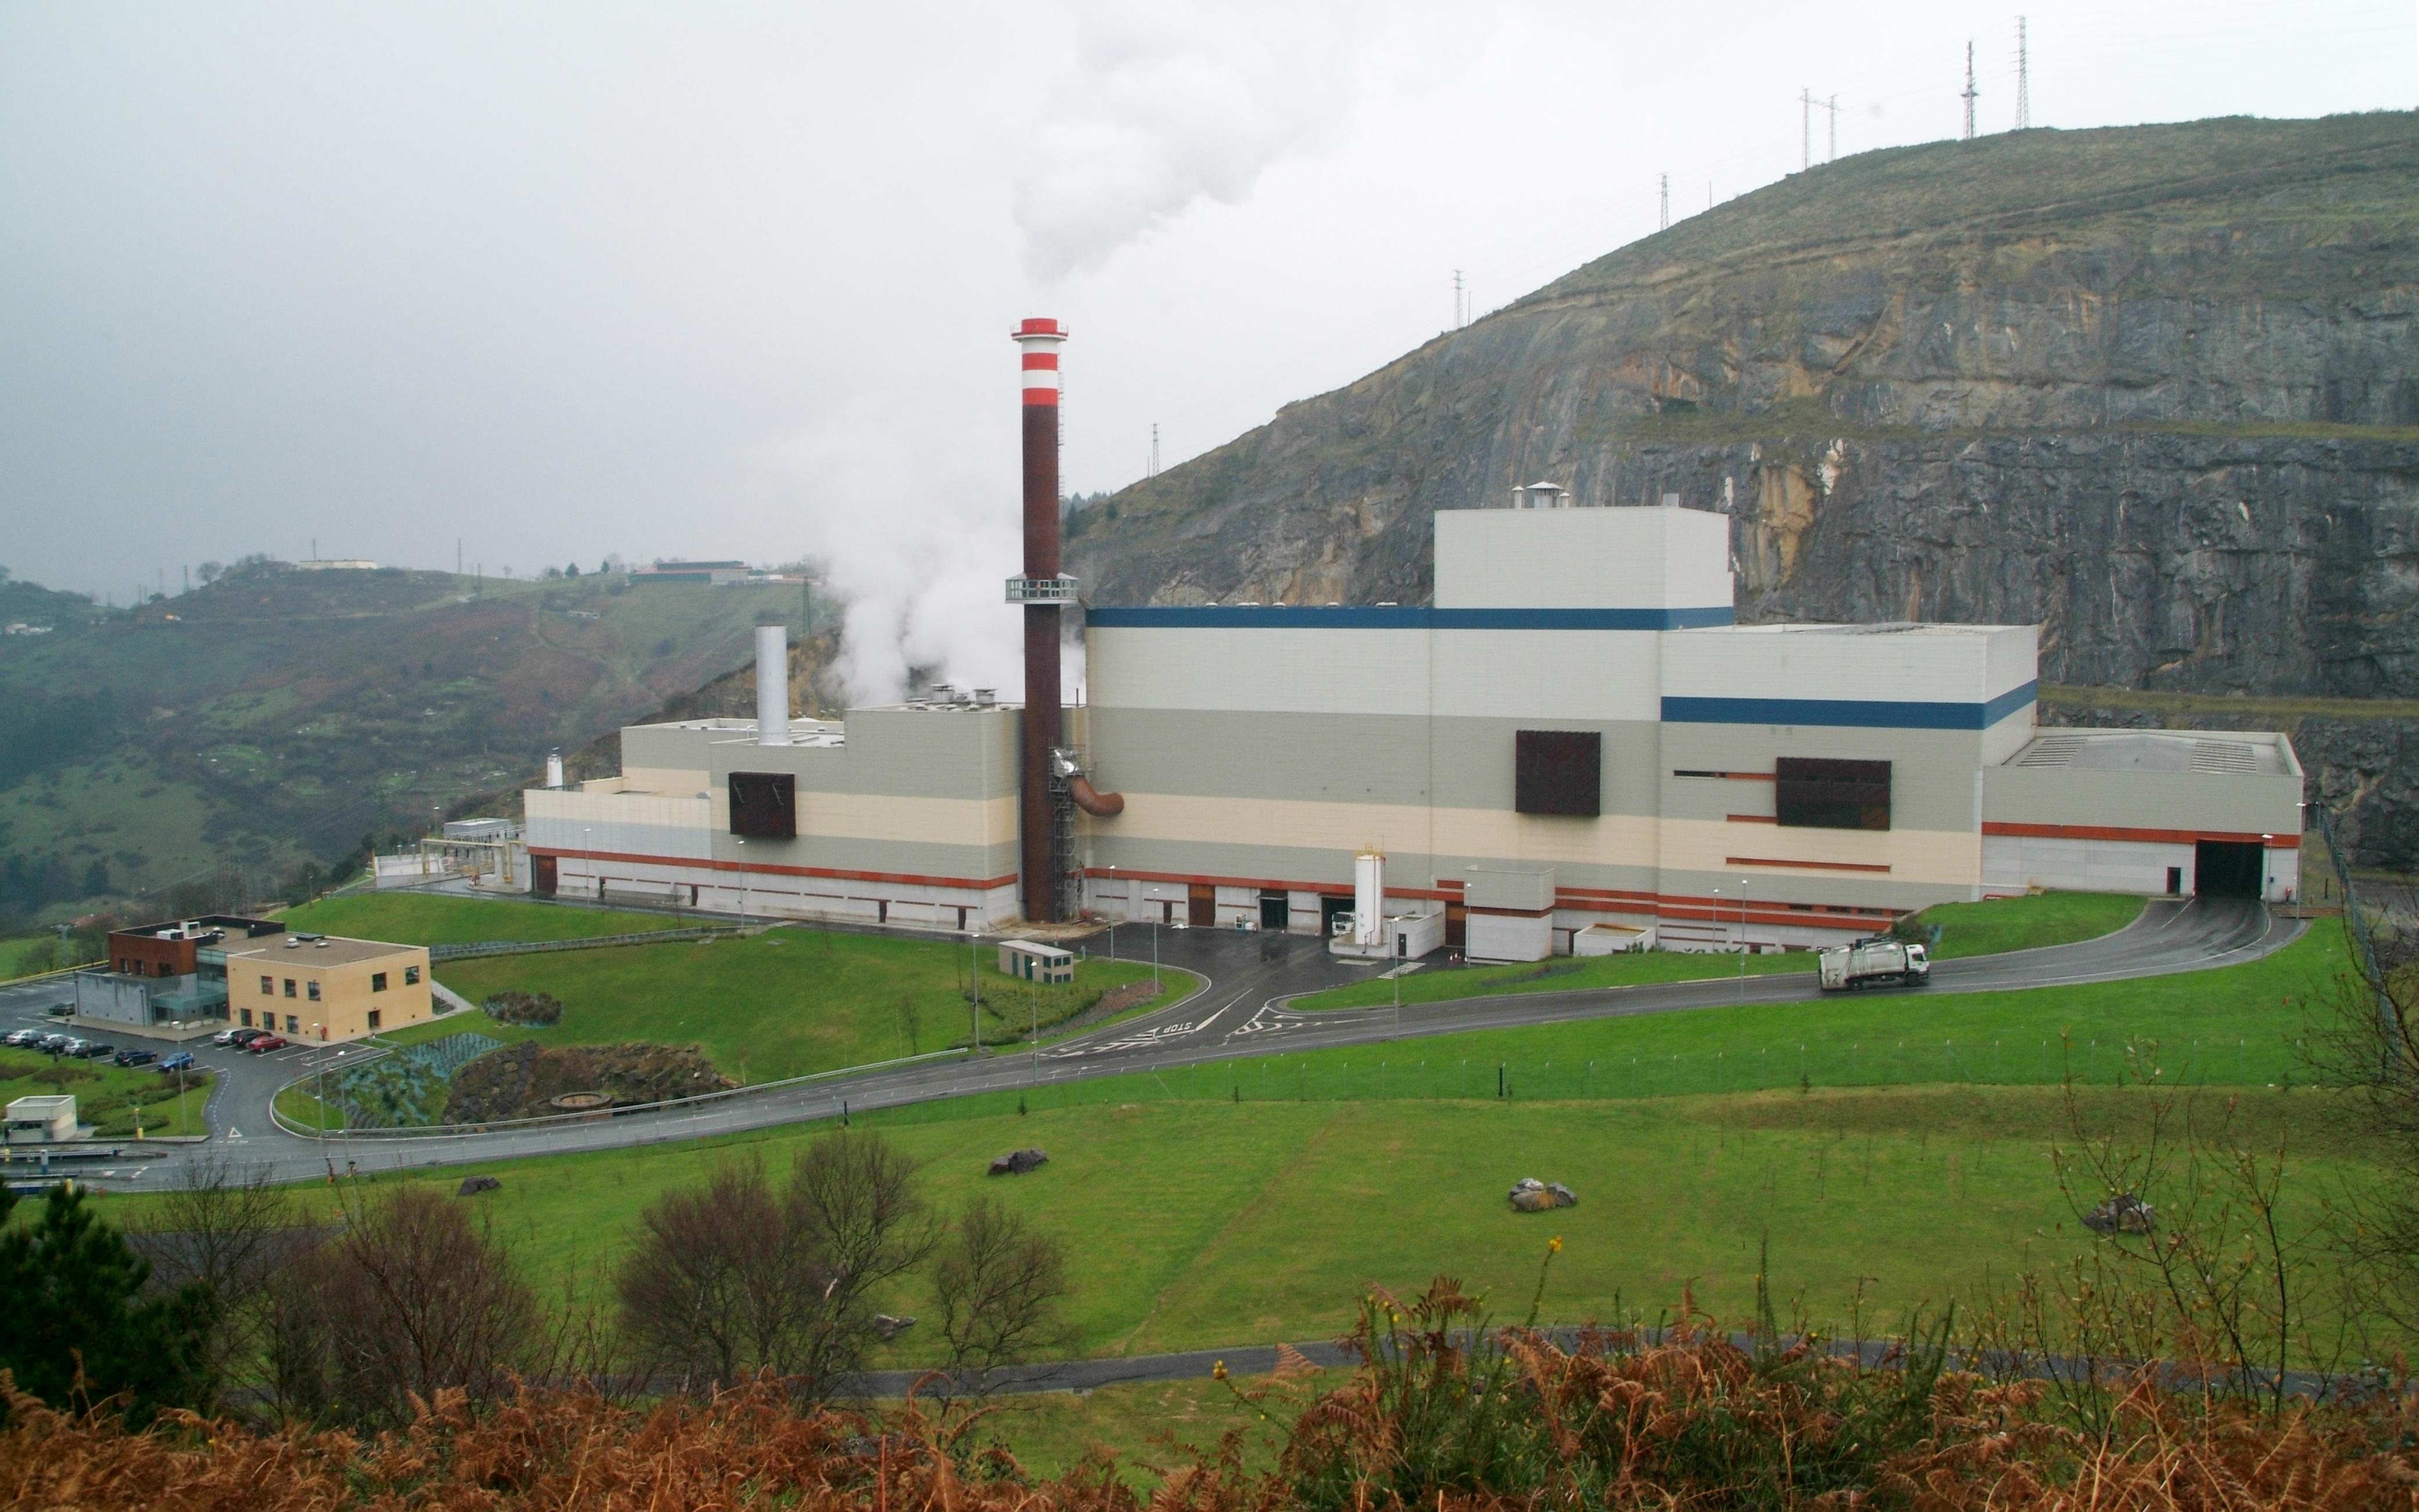 Newsletter No. 8 - Le rôle de la valorisation énergétique des déchets dans le mix énergétique